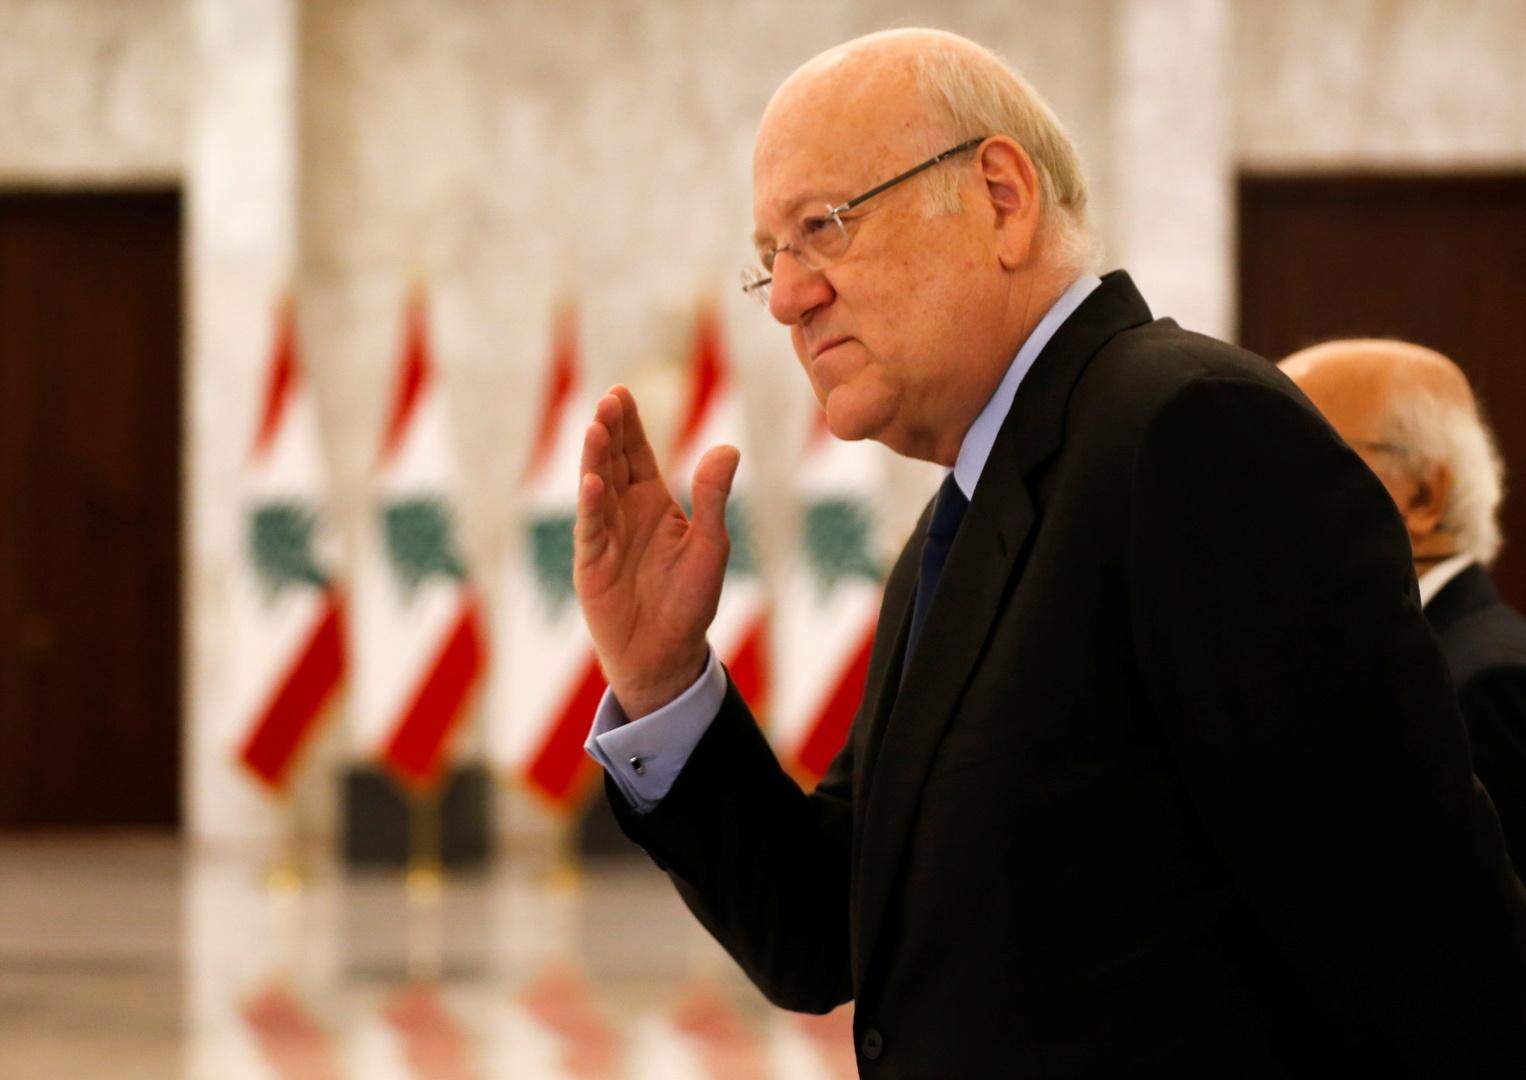 ميقاتي: خيارنا عربي ولا نريد أن يكون لبنان ممرا للتآمر على أي دولة عربية